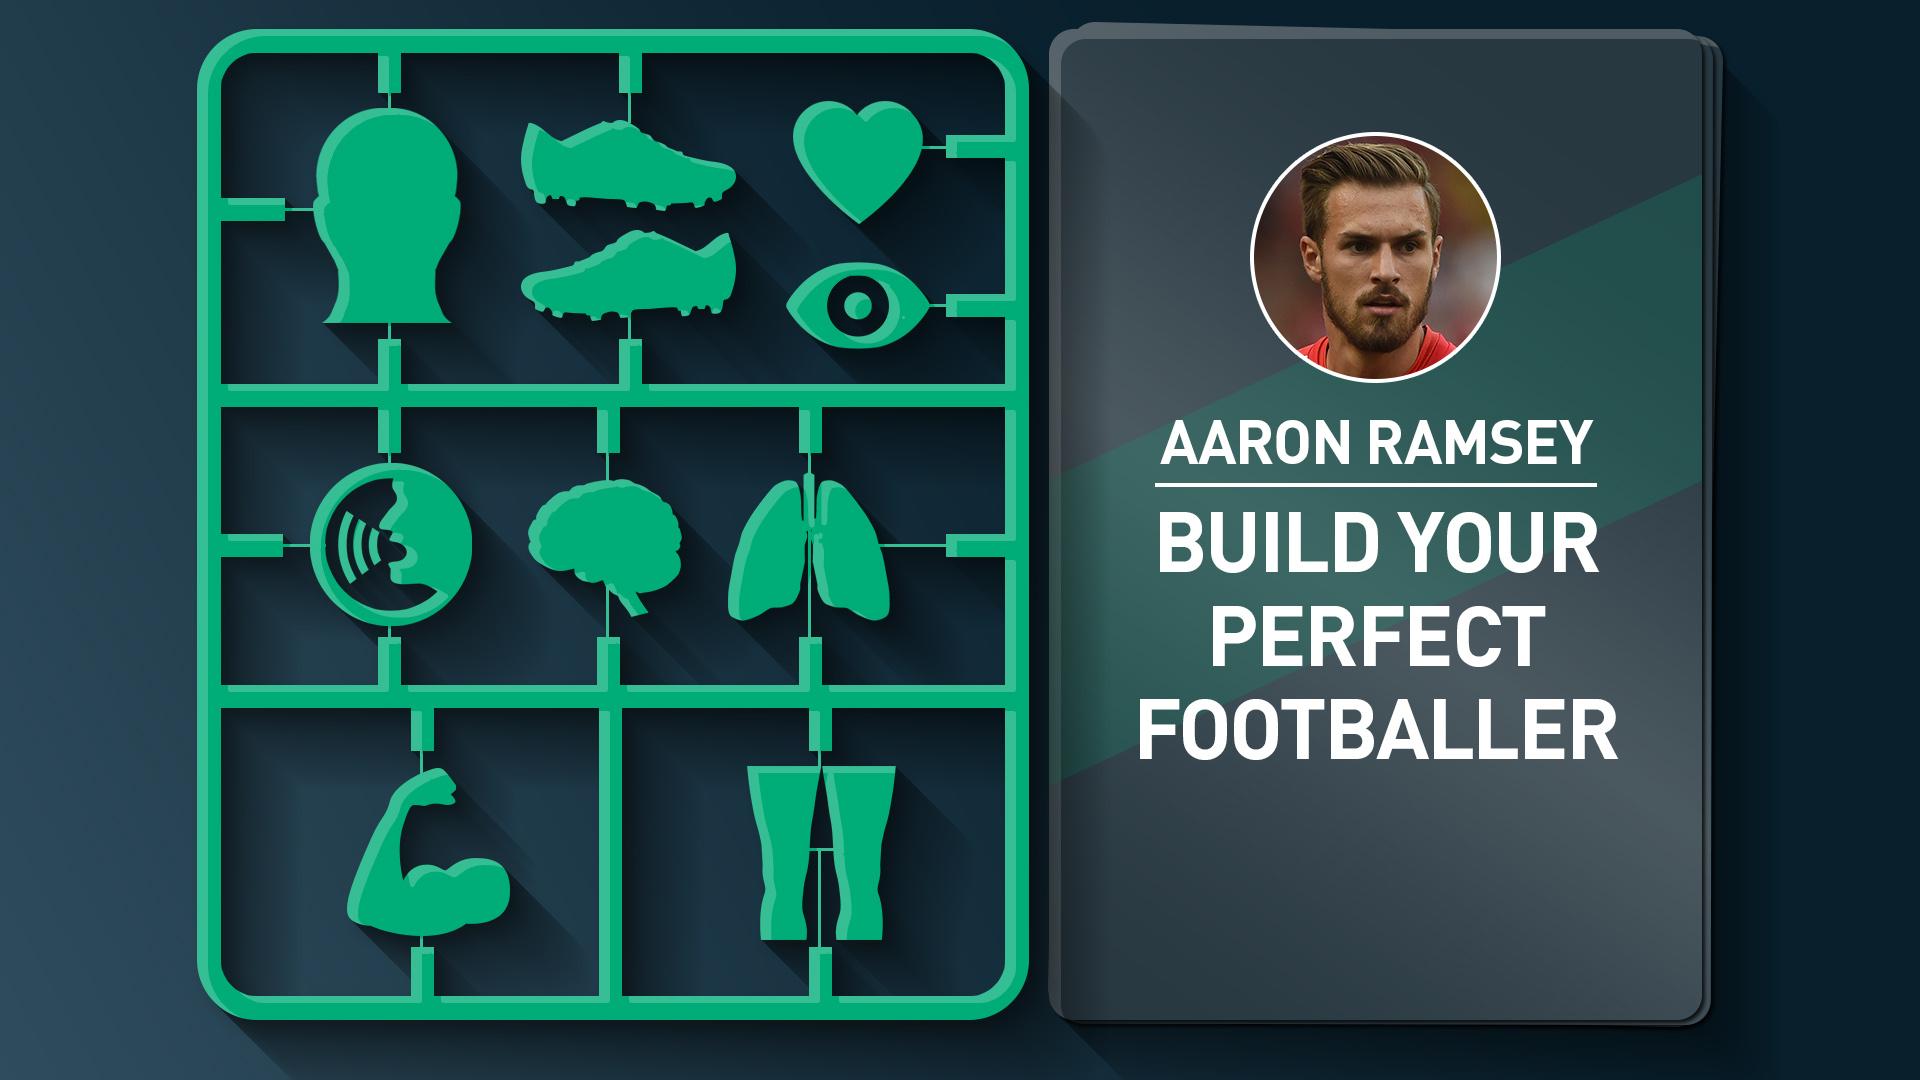 Aaron Ramsey S Ultimate Footballer Goal Com